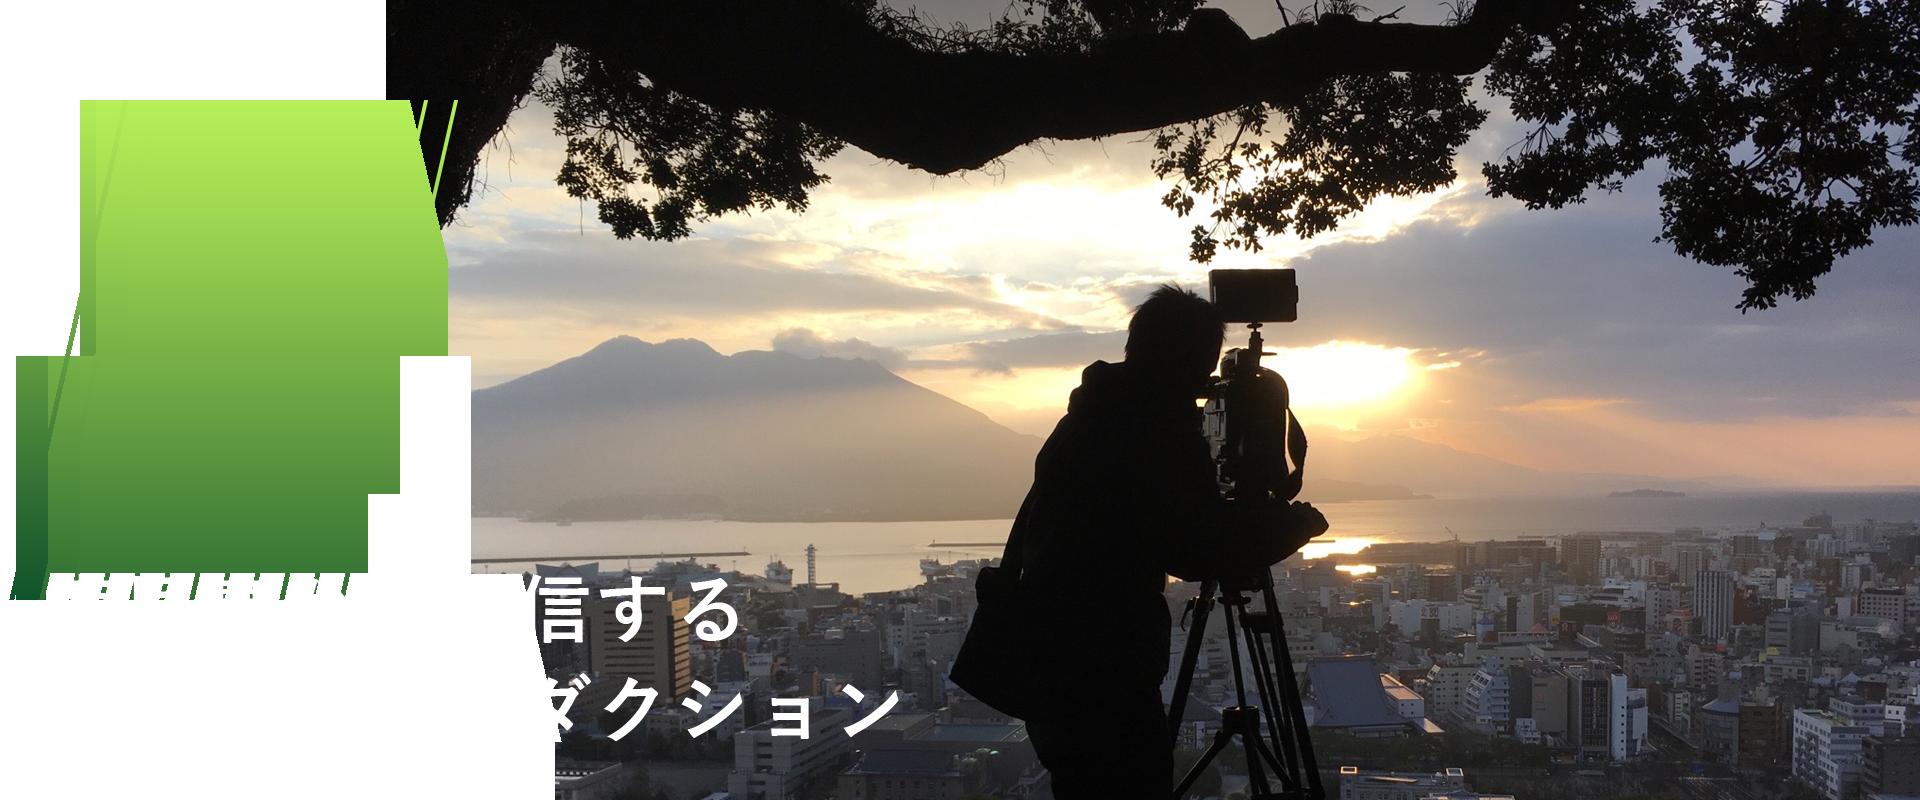 鹿児島から発信する映像制作プロダクション